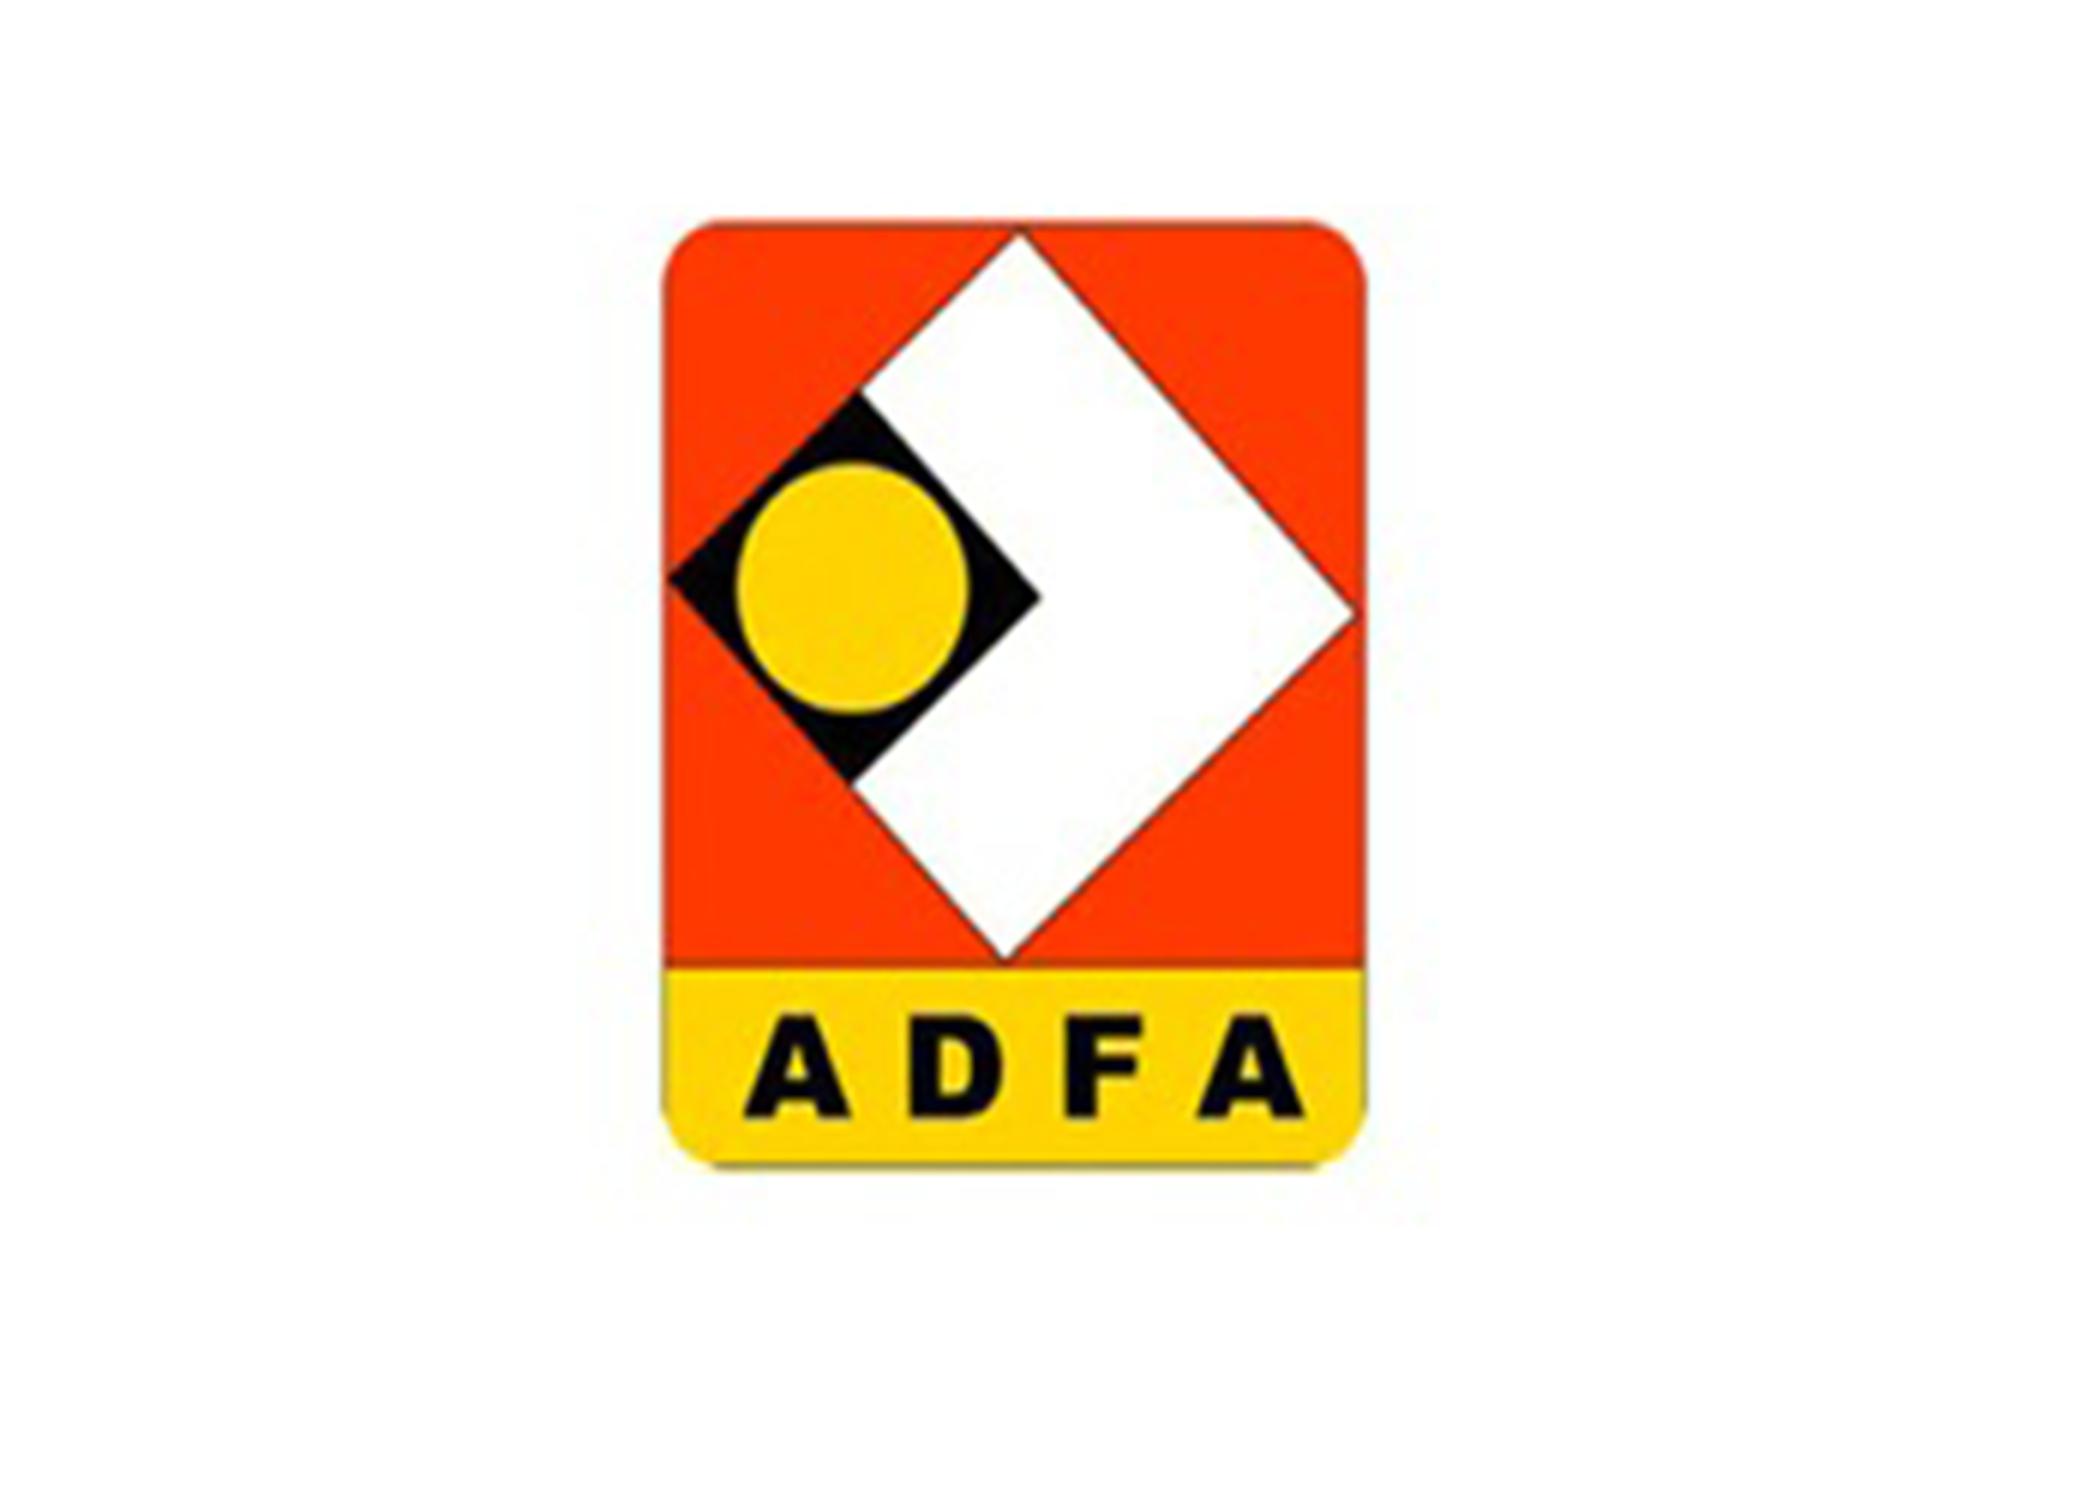 Associação dos Deficientes das Forças Armadas